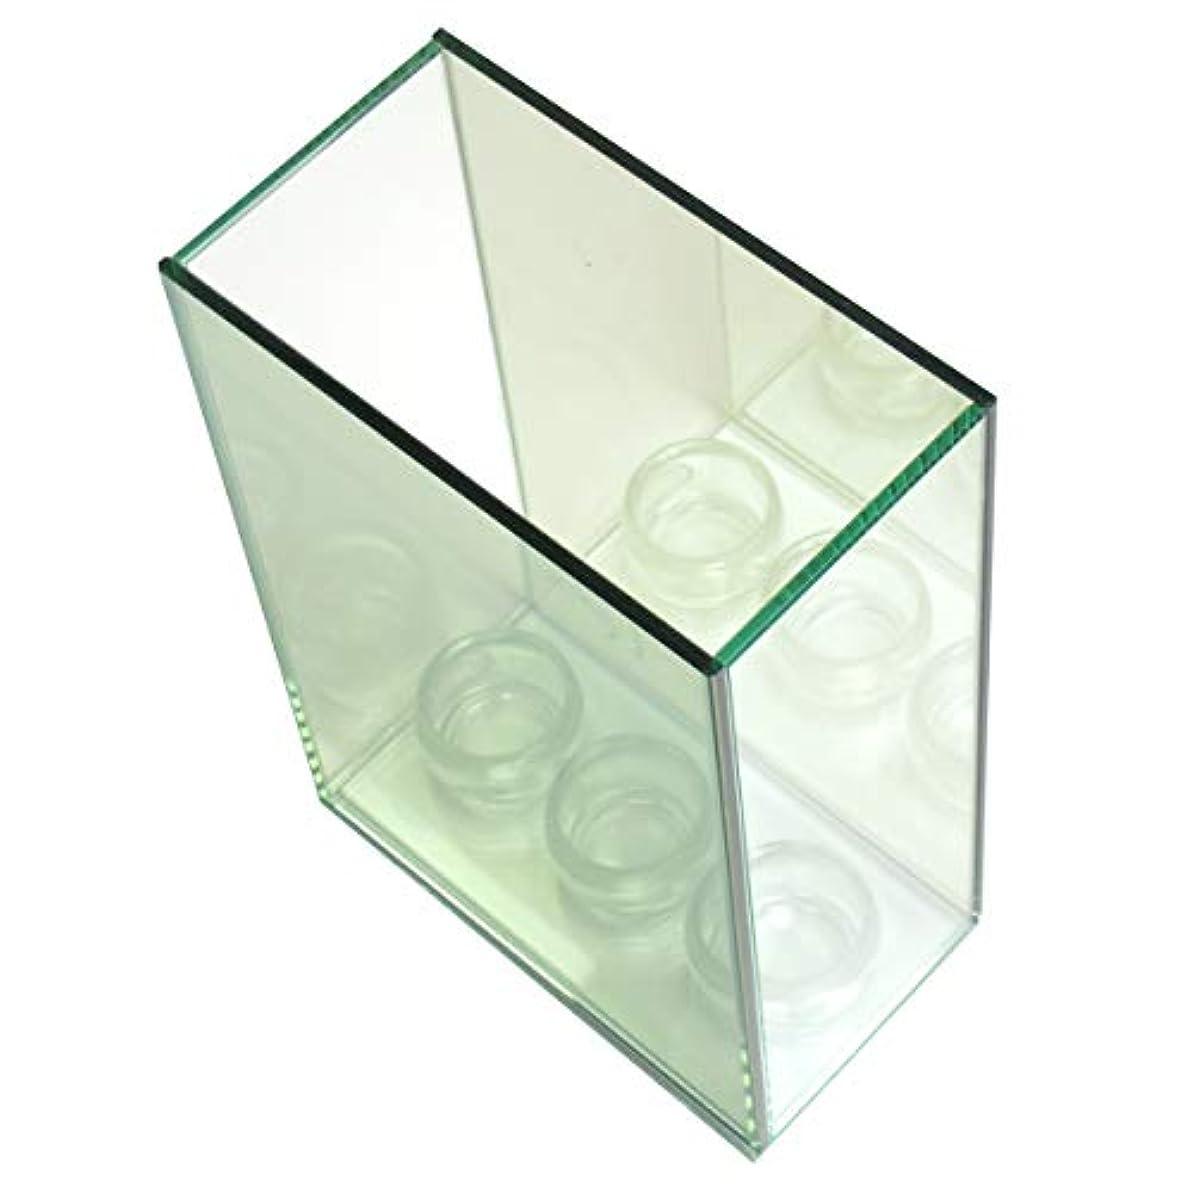 骨髄ピース宇宙の無限連鎖キャンドルホルダー 3連 ガラス キャンドルスタンド ランタン 誕生日 ティーライトキャンドル